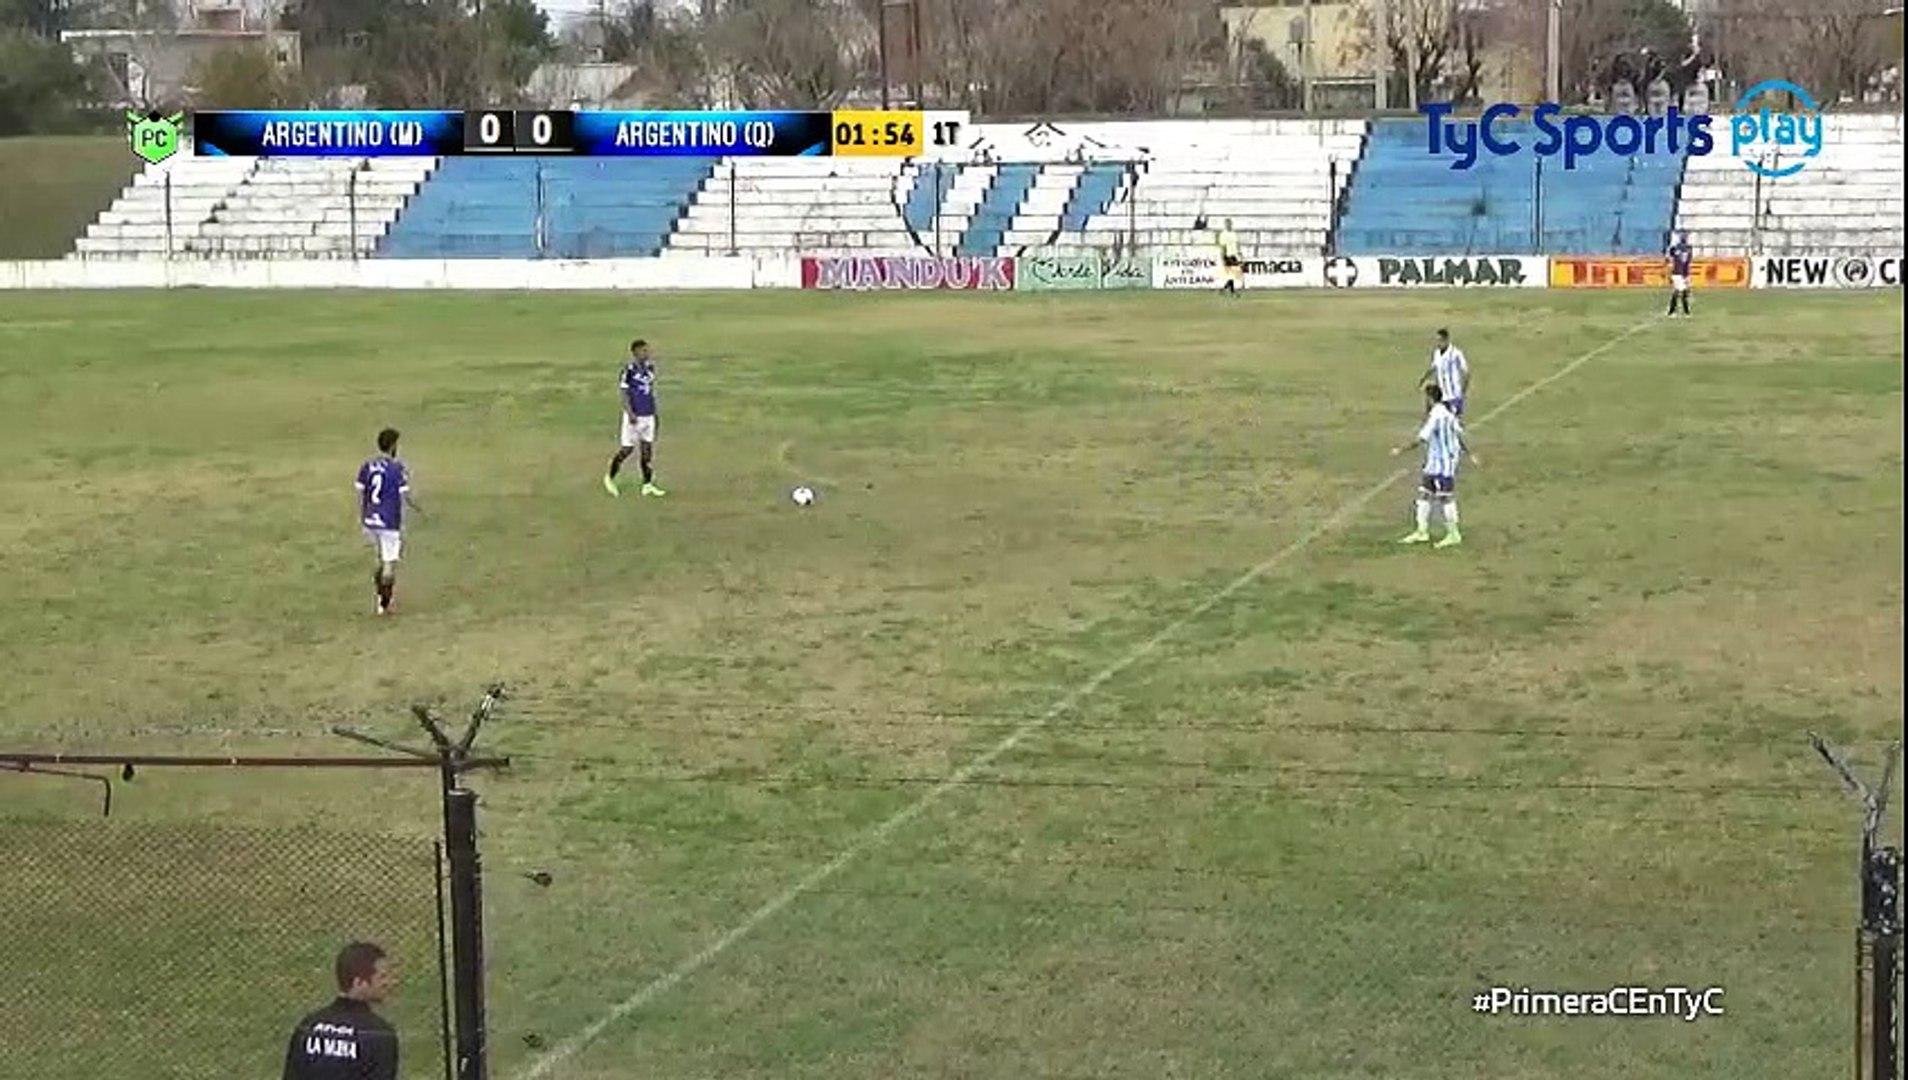 0-1 Brian Duarte Goal Argentina  Prim C Metropolitana - 25.06.2017 Argentino Merlo 0-1 Argentino Qui